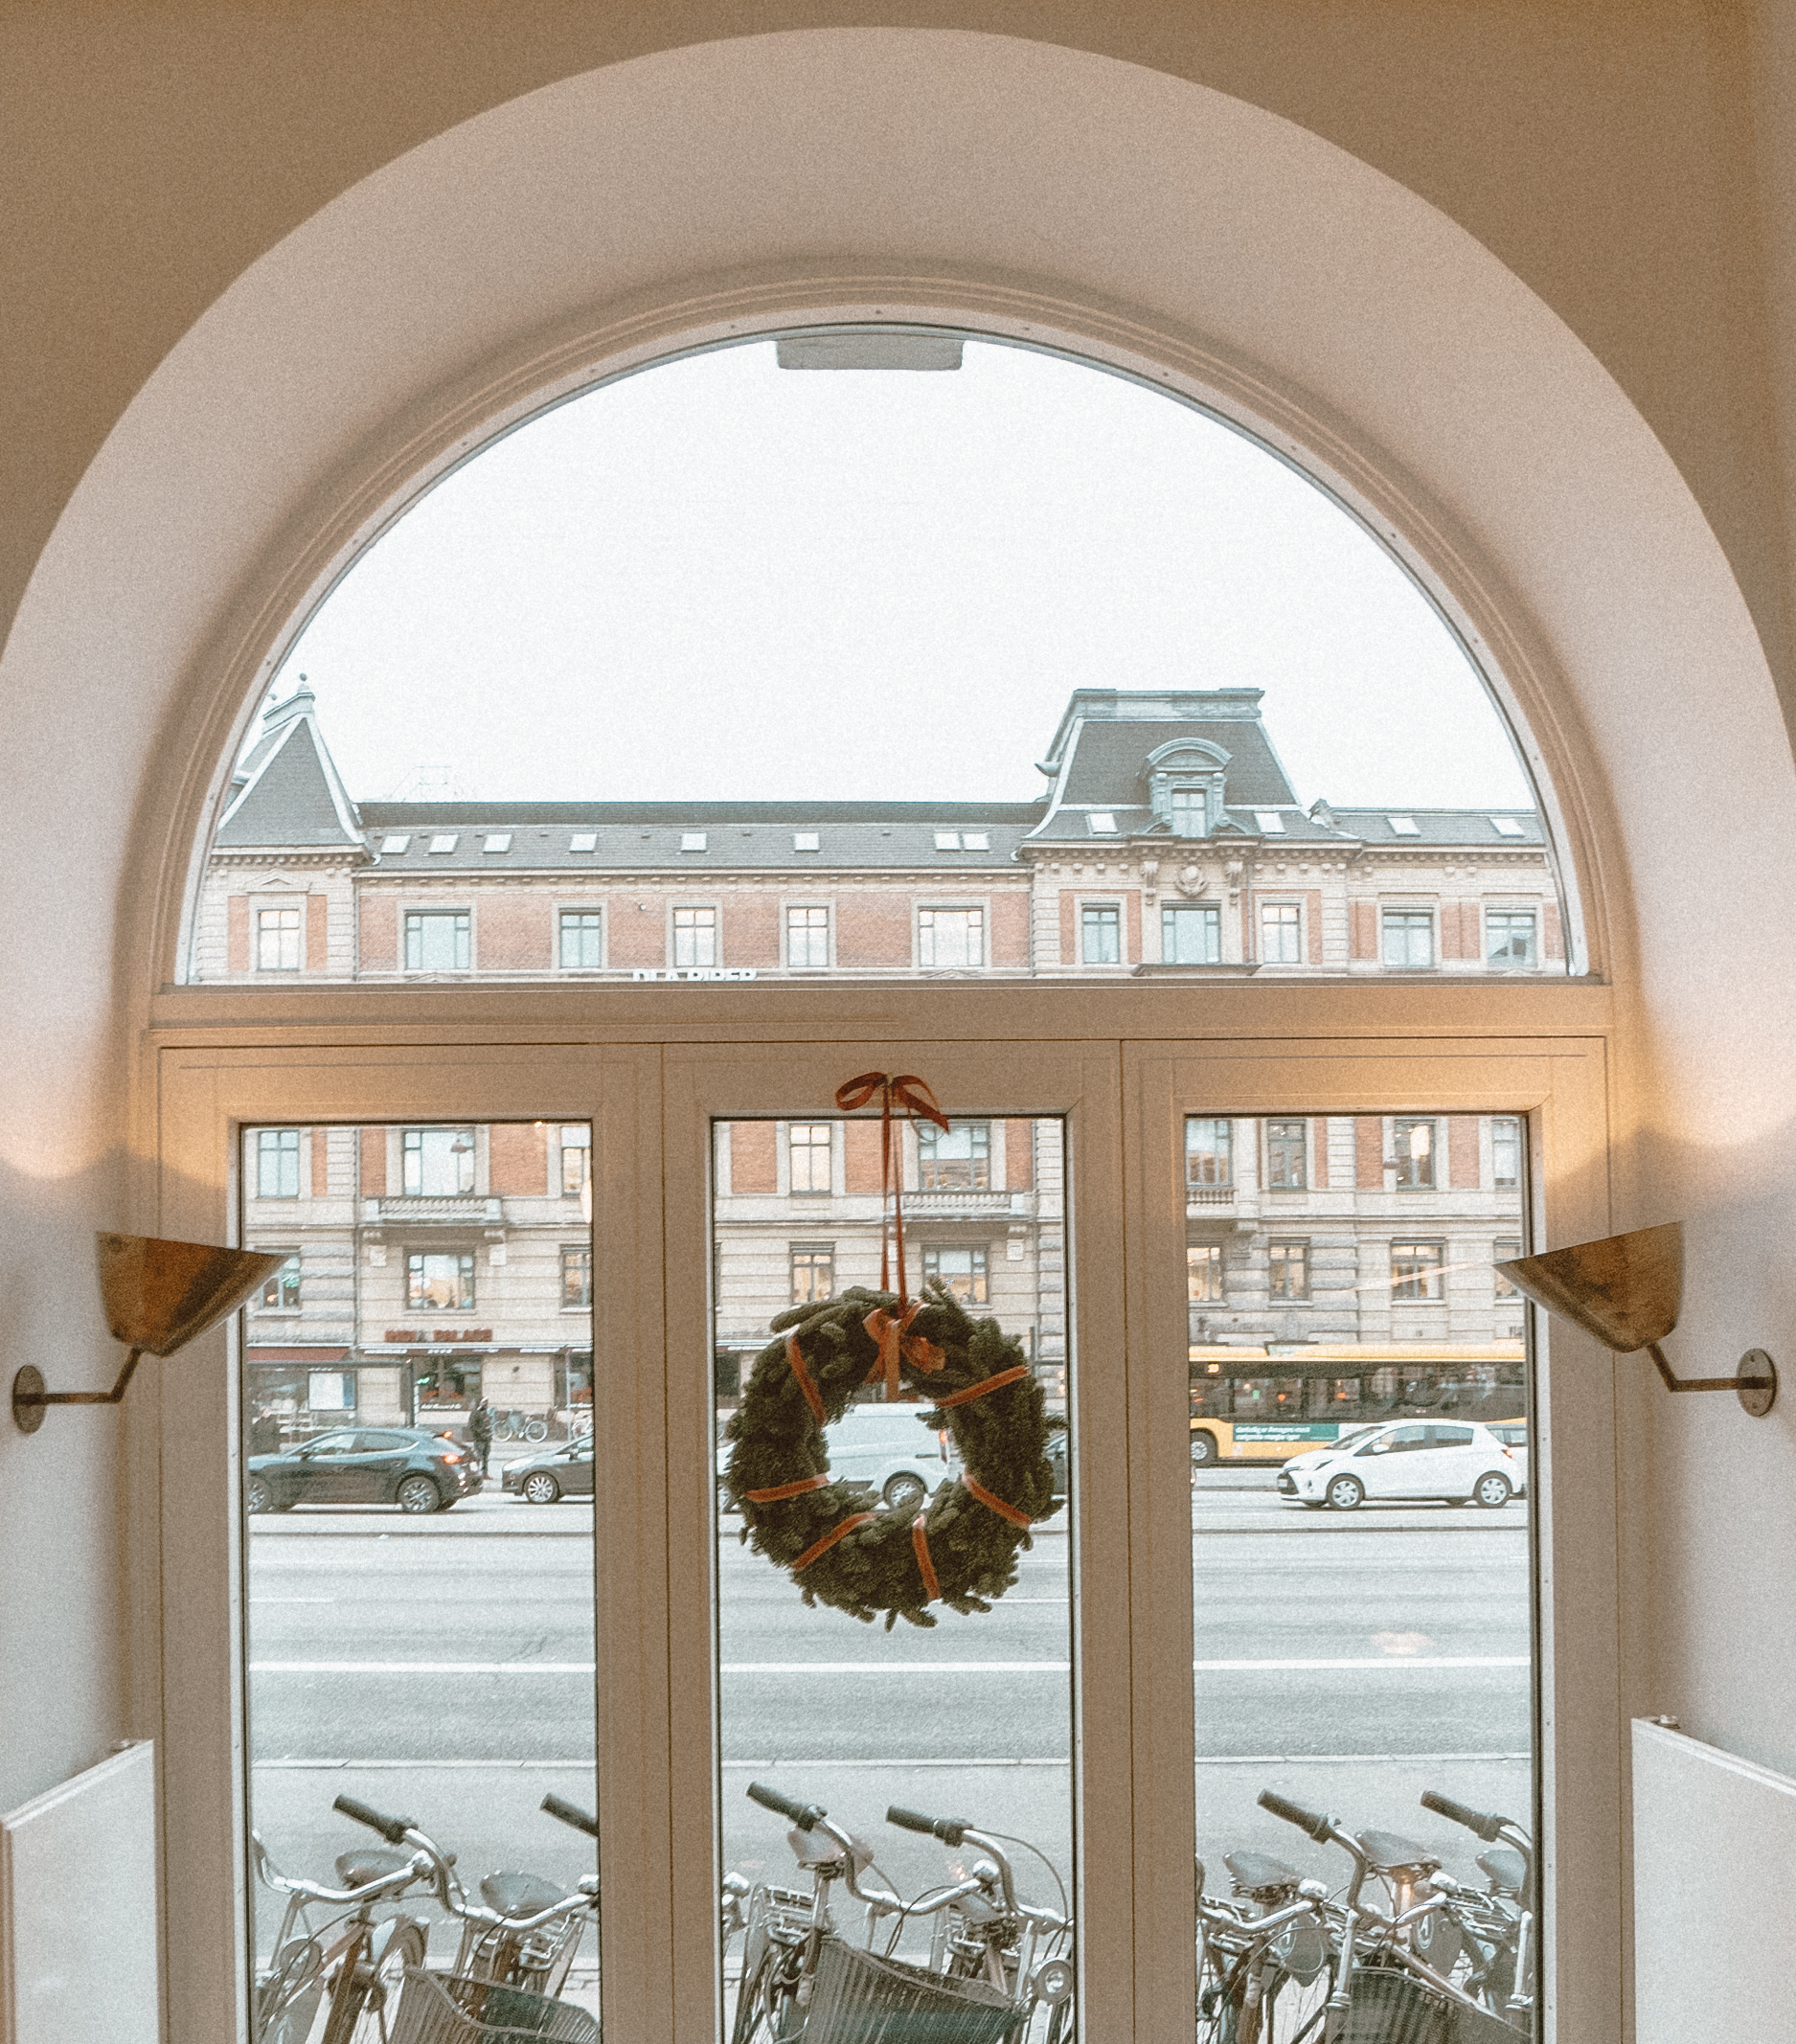 酒店亚历山德拉哥本哈根大厅视图